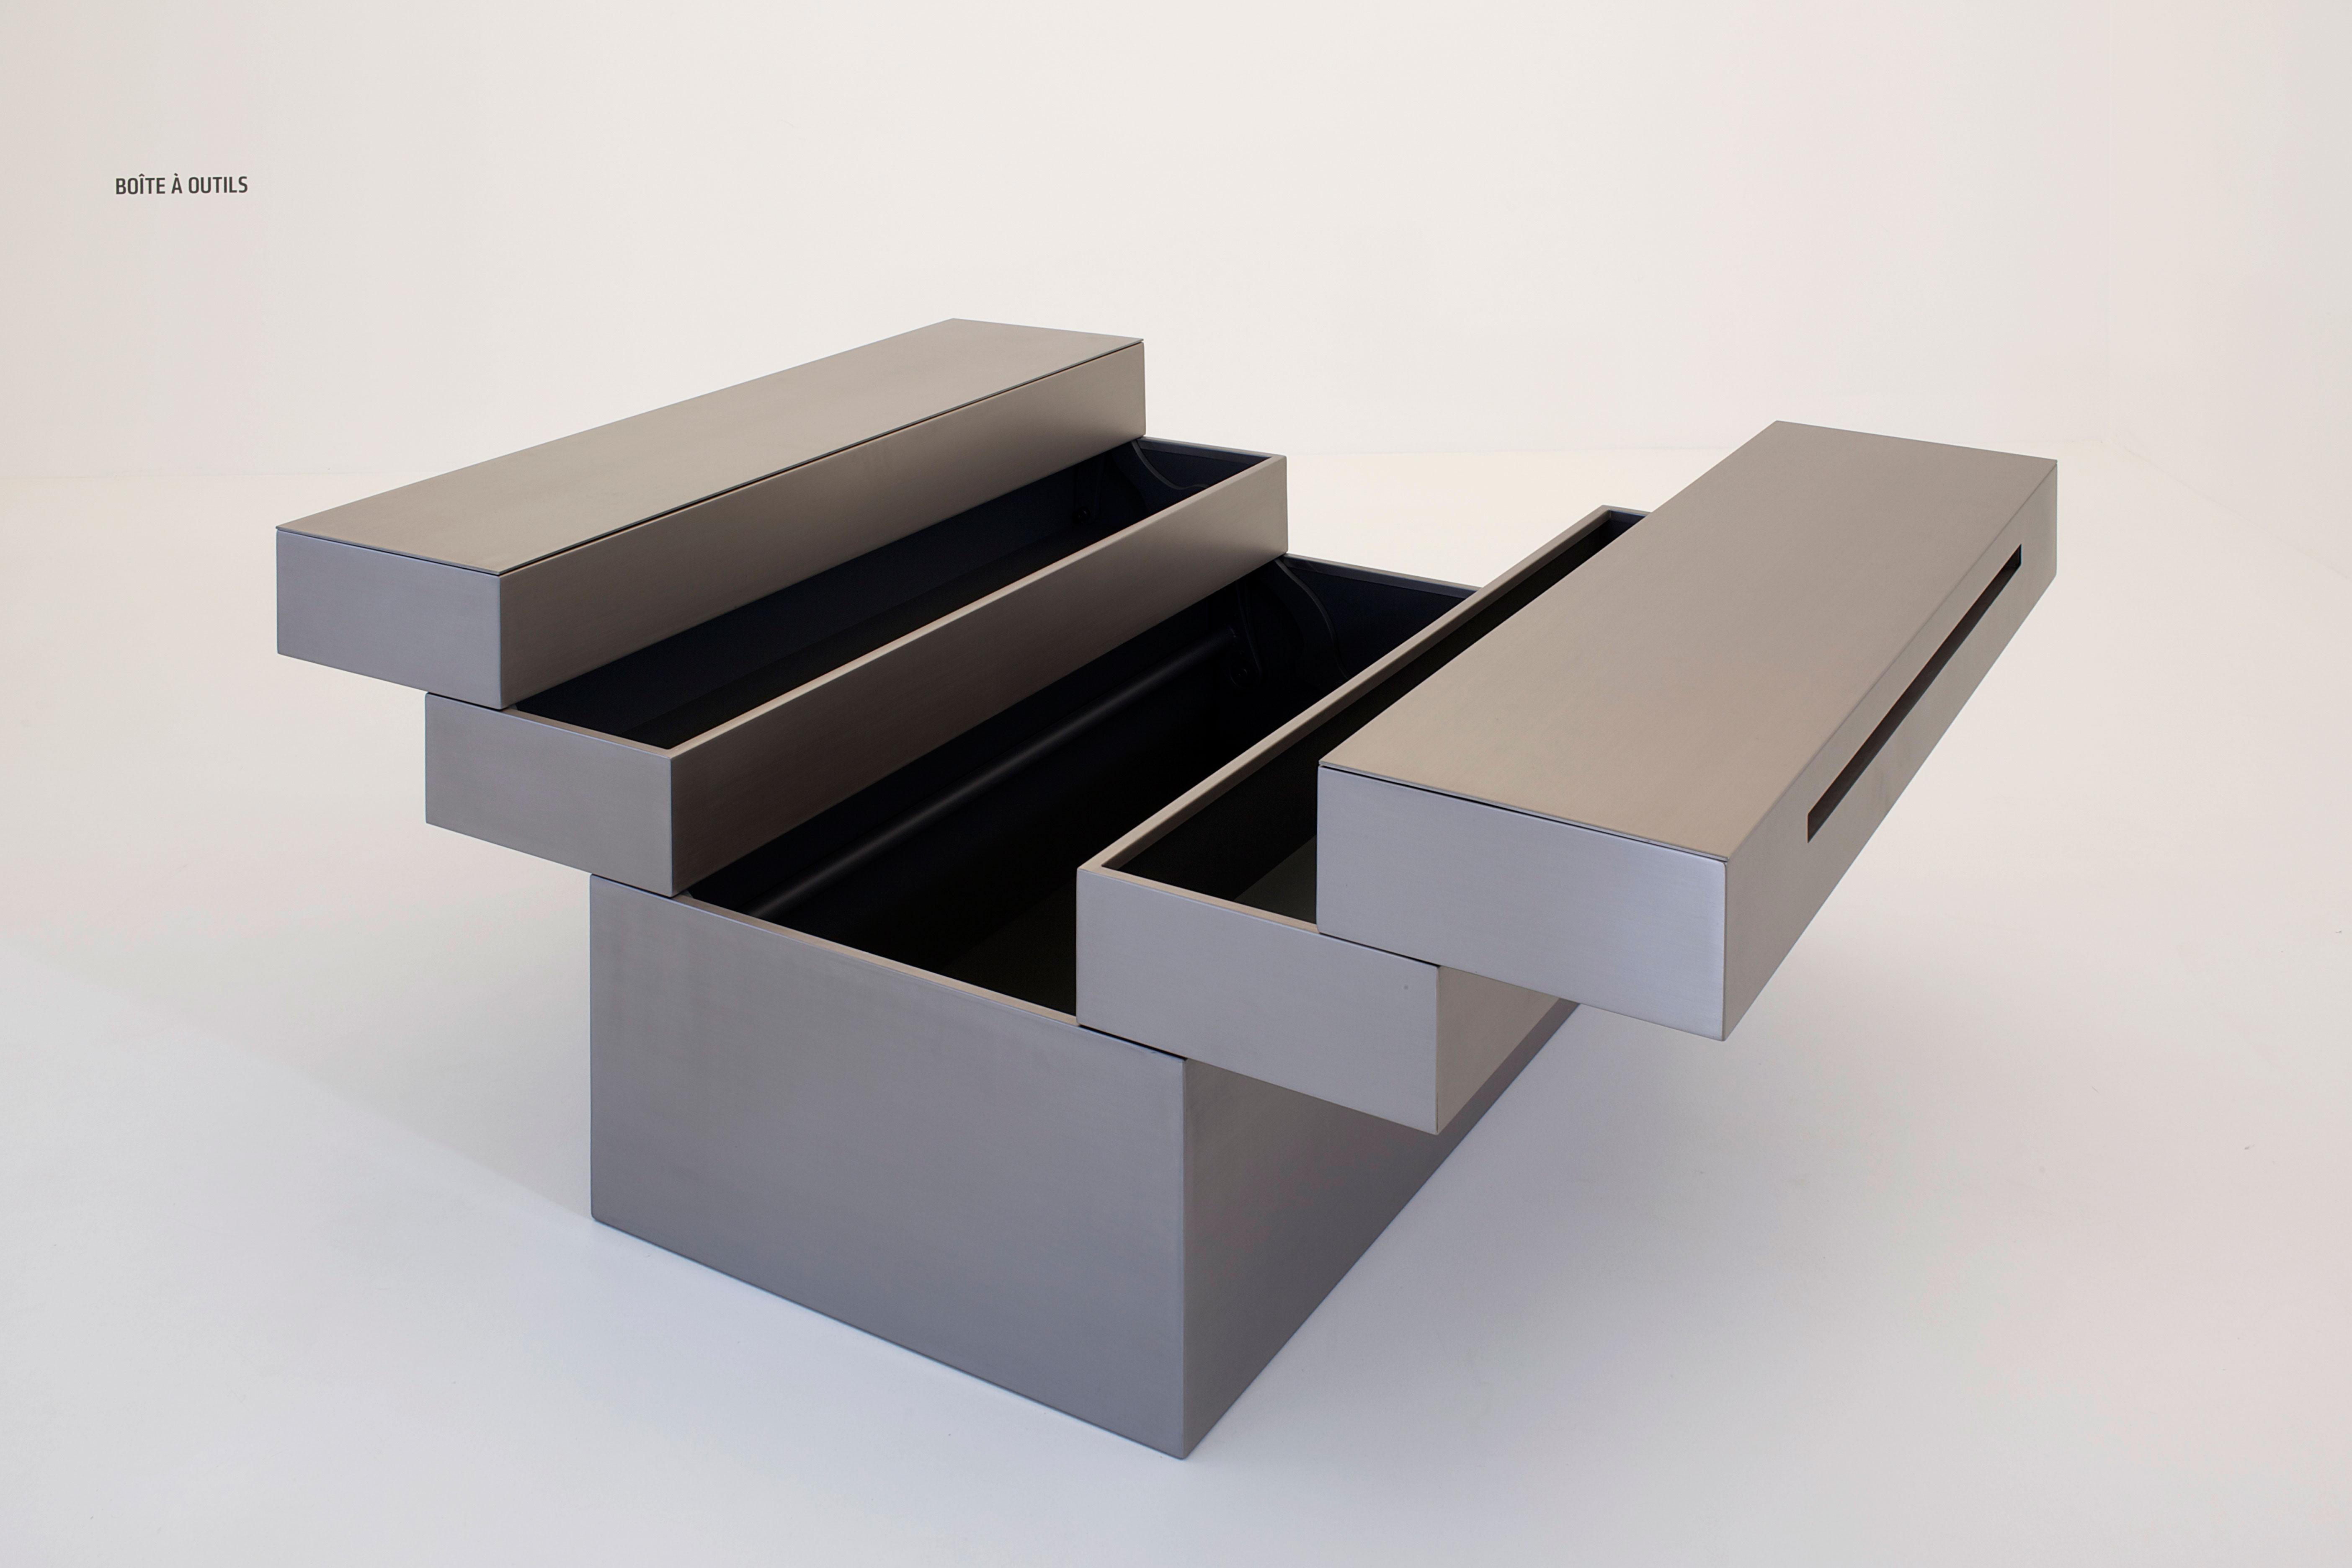 bo te outils jean nouvel design. Black Bedroom Furniture Sets. Home Design Ideas